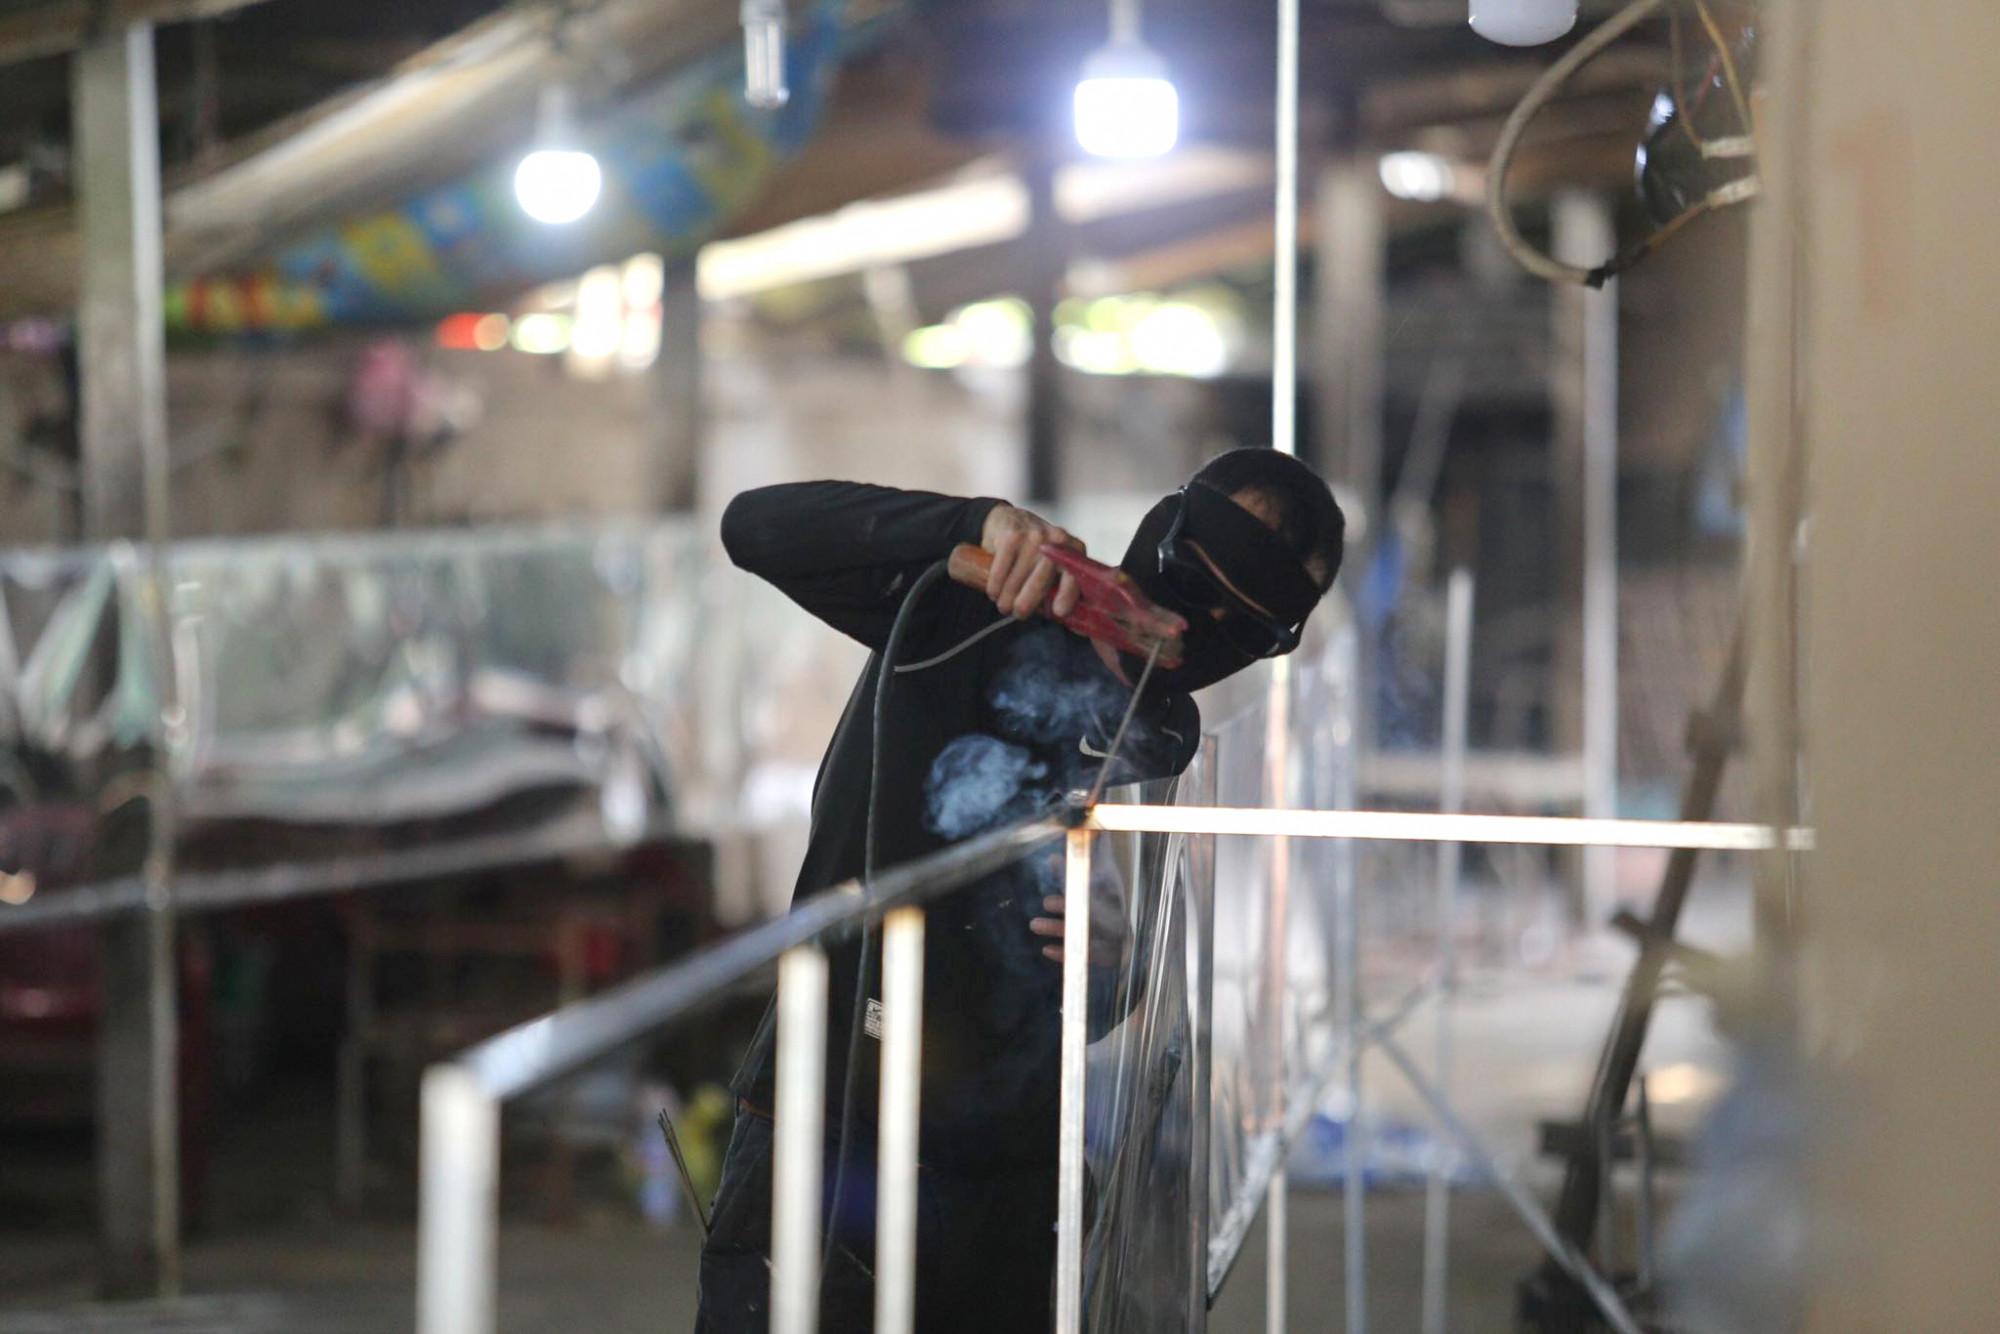 Thợ hàn cũng được tiểu thương thuê đến để lắp đặt các tấm chống bắn, che chắn trước khu vực bán hàng, hạn chế tiếp xúc...